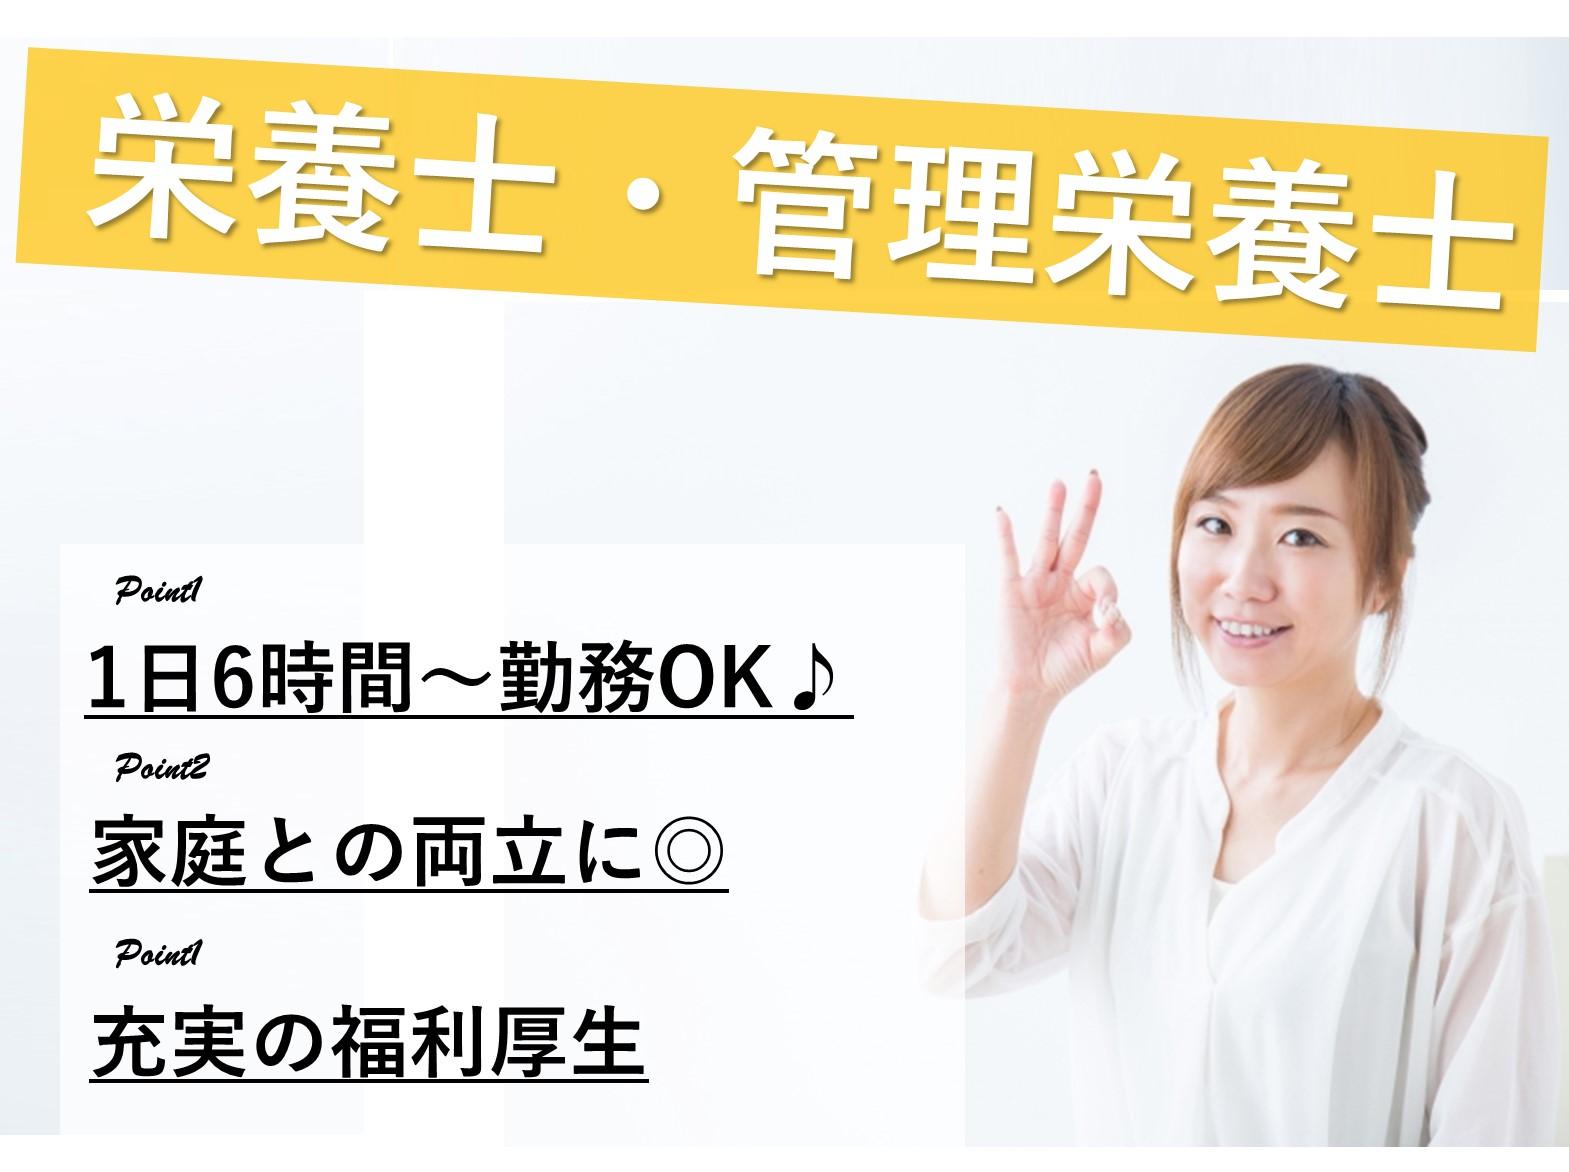 【パート】1日6時間~OK!時給1,200♪栄養士・管理栄養士 イメージ